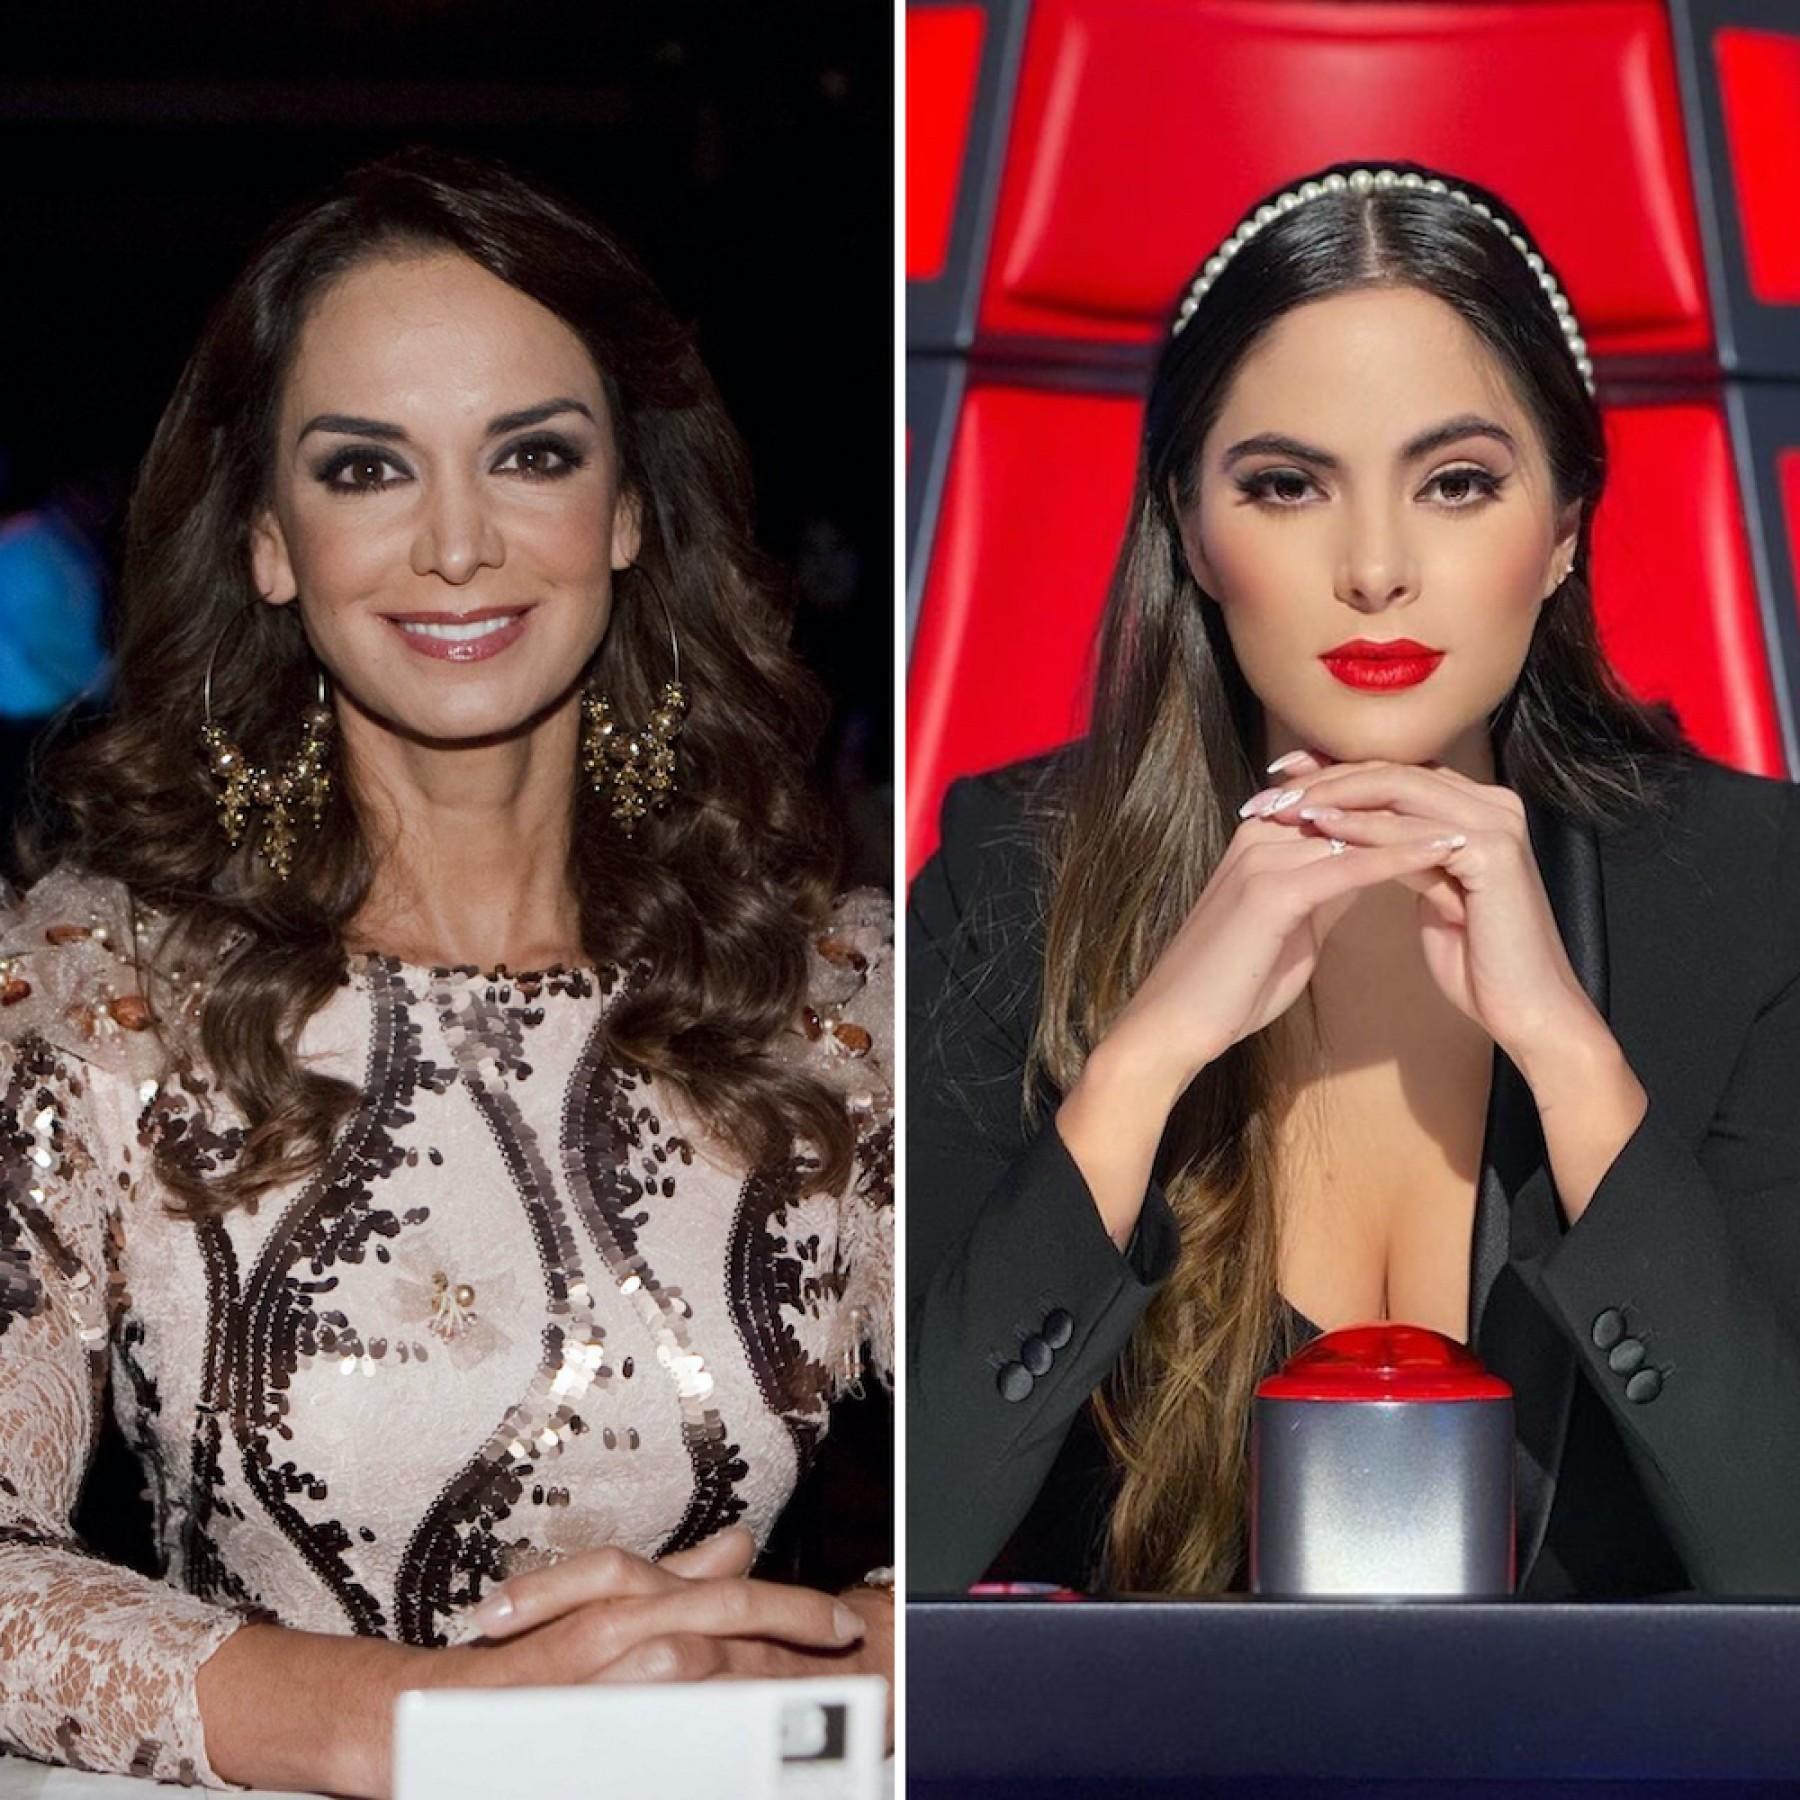 Reinas de belleza se unen para hacer frente a Lupita Jones Url-https-cdn-3-expansion-mx-55-ca-7a892a1244d39305a60a5705529e-lupita-jones-sofia-aragon